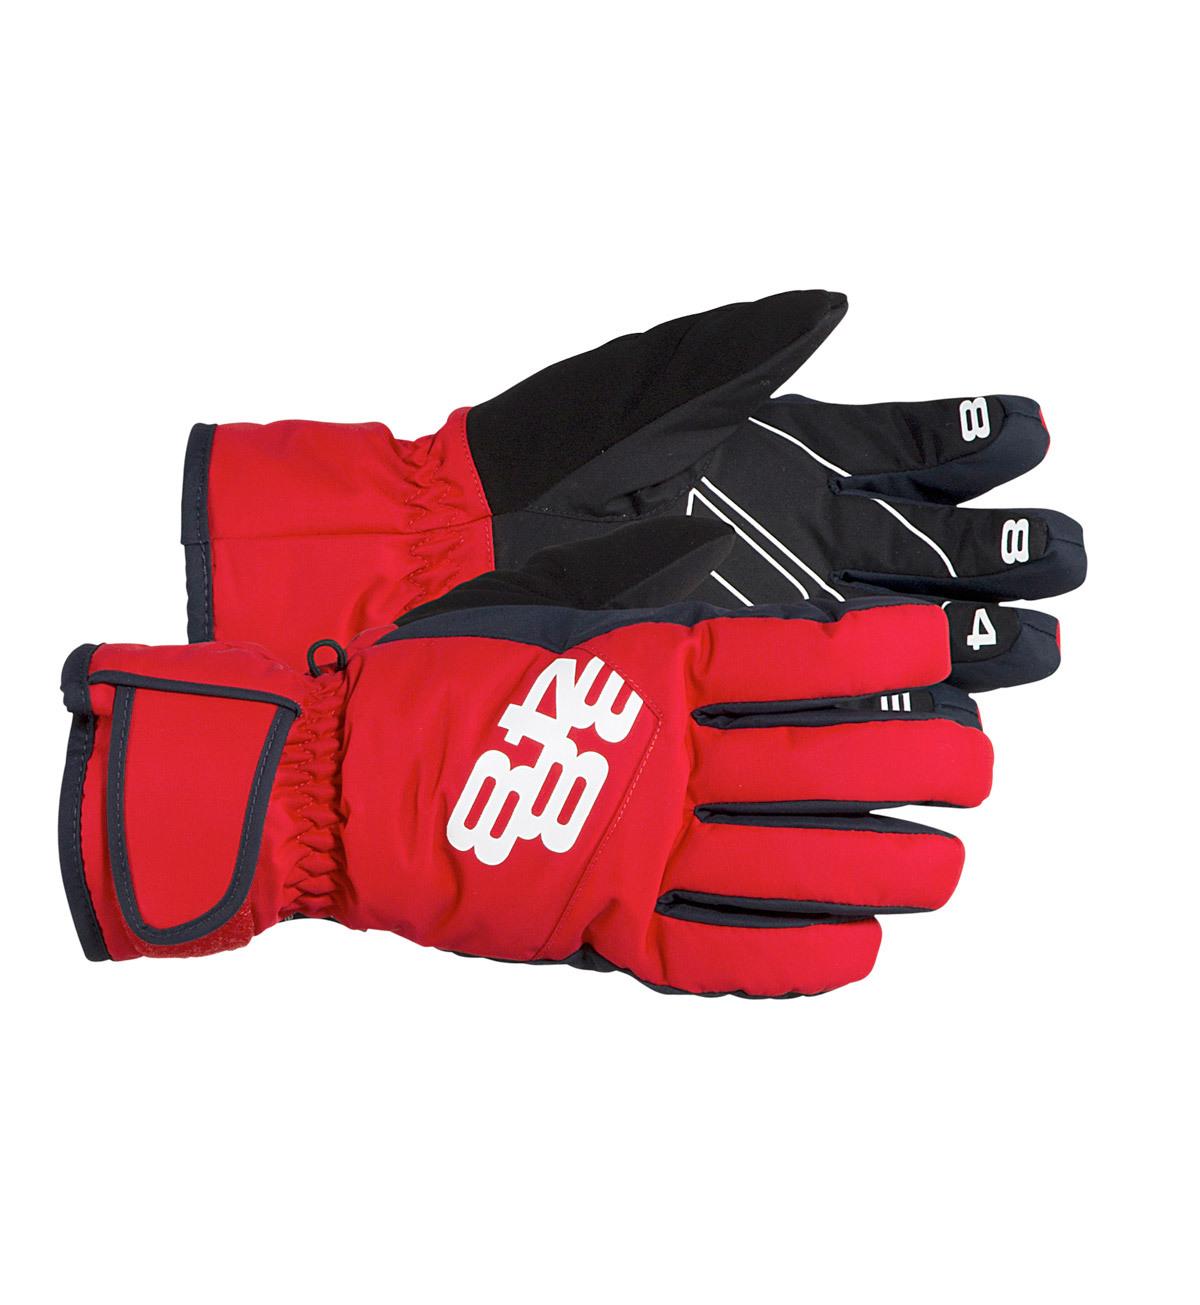 Перчатки 8848 Altitude Alex подростковые Red